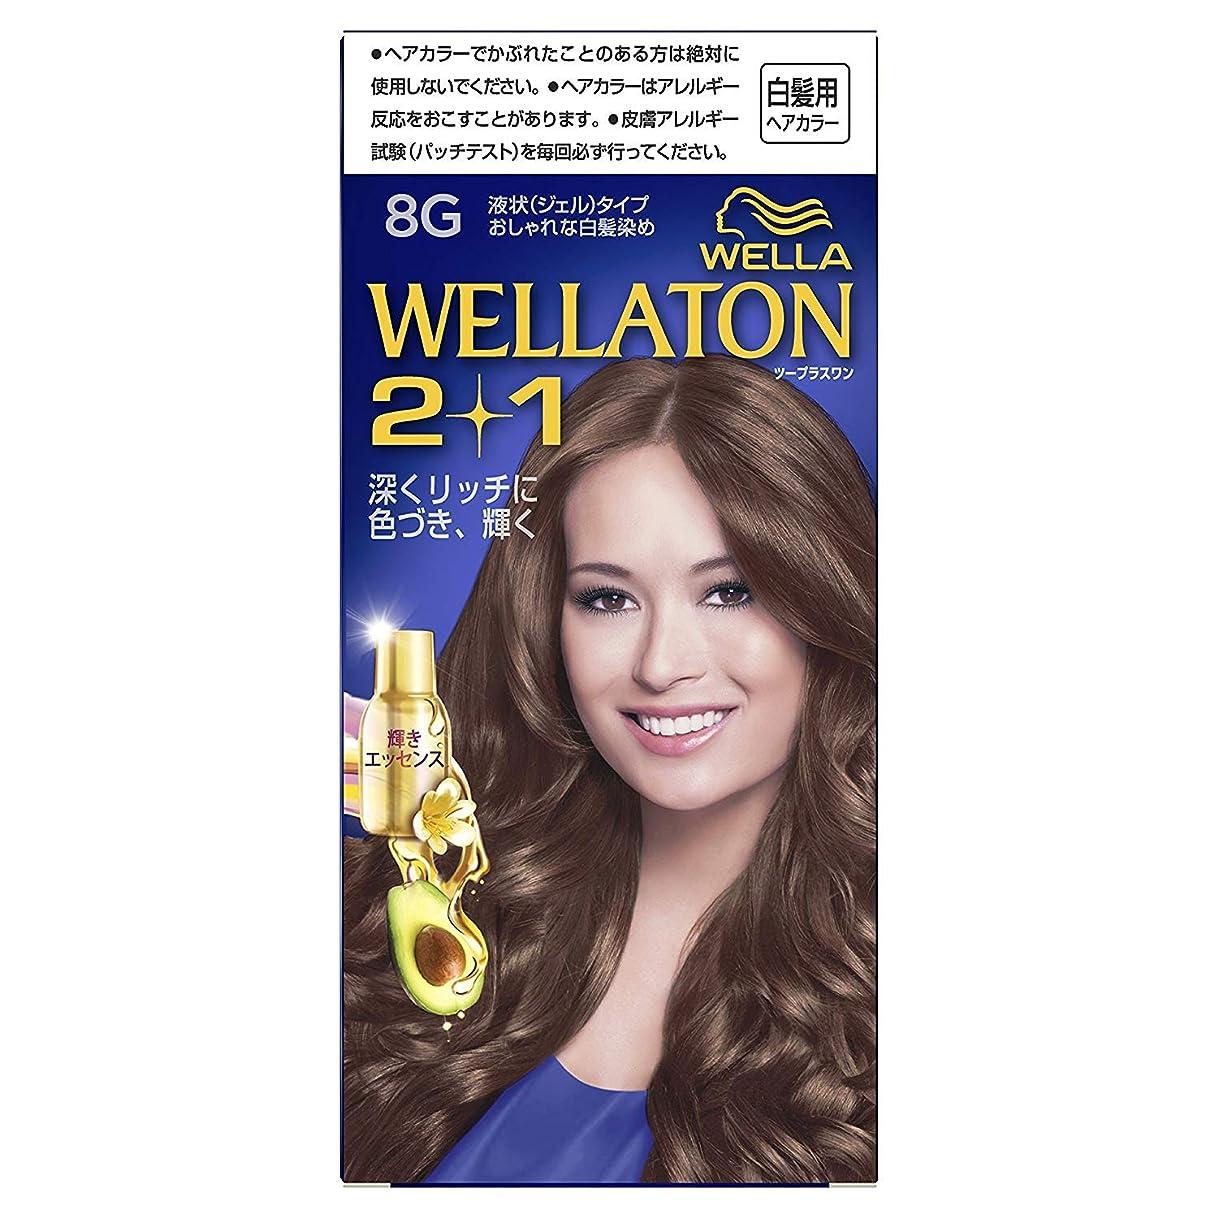 焼くウェブきらめきウエラトーン2+1 白髪染め 液状タイプ 8G [医薬部外品] ×6個